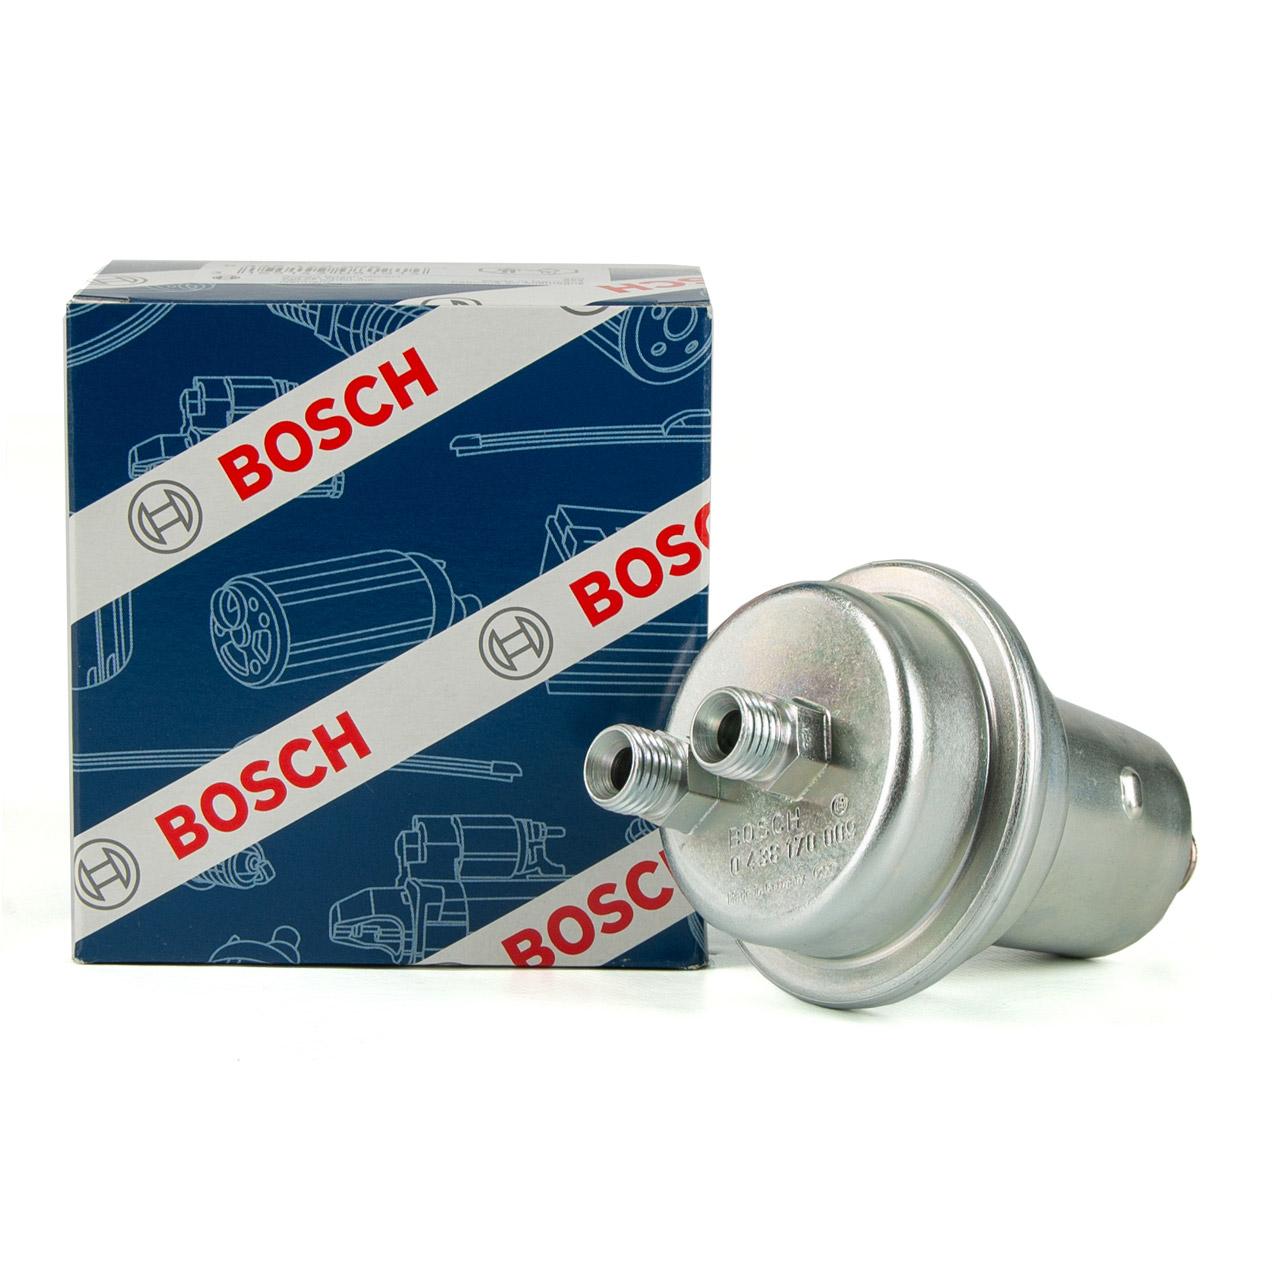 BOSCH Druckspeicher Kraftstoffspeicher PORSCHE 911 2.7 3.0 SC Carrera 3.0 Turbo